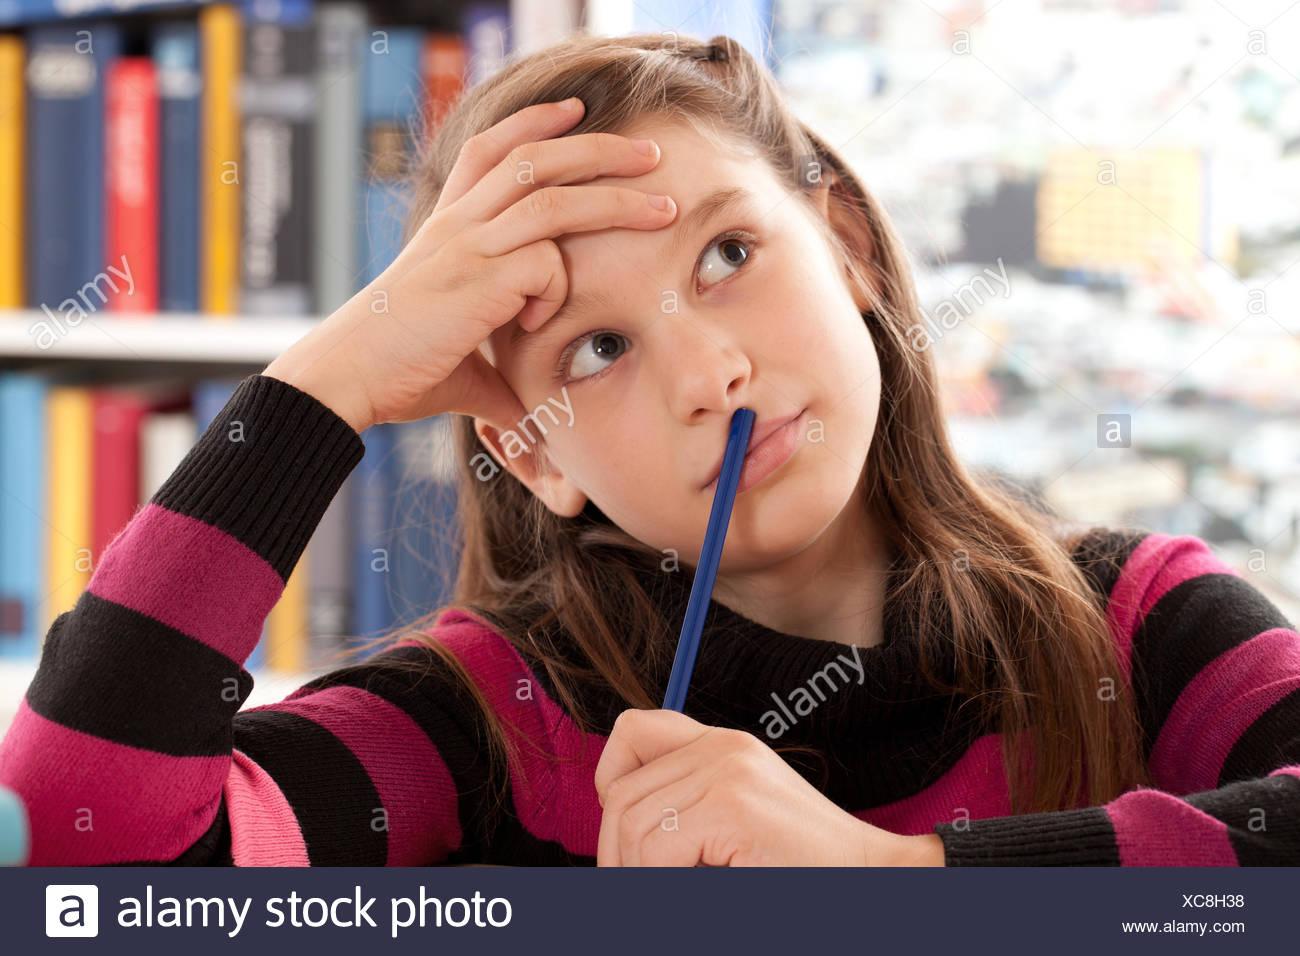 Mädchen denkt nach Stock Photo